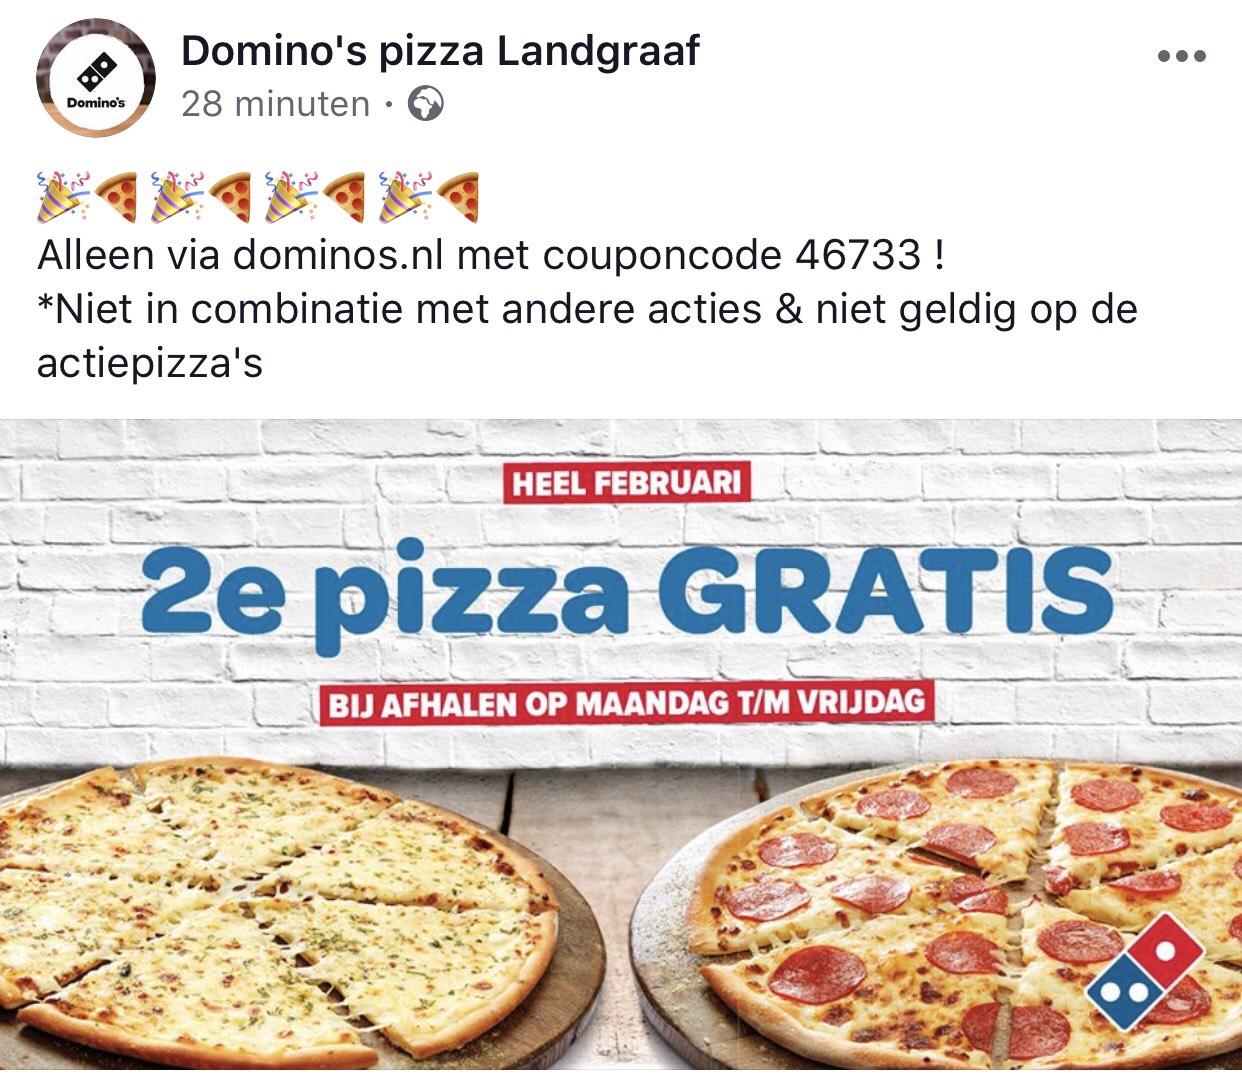 Tweede pizza gratis bij afhalen @Domino's